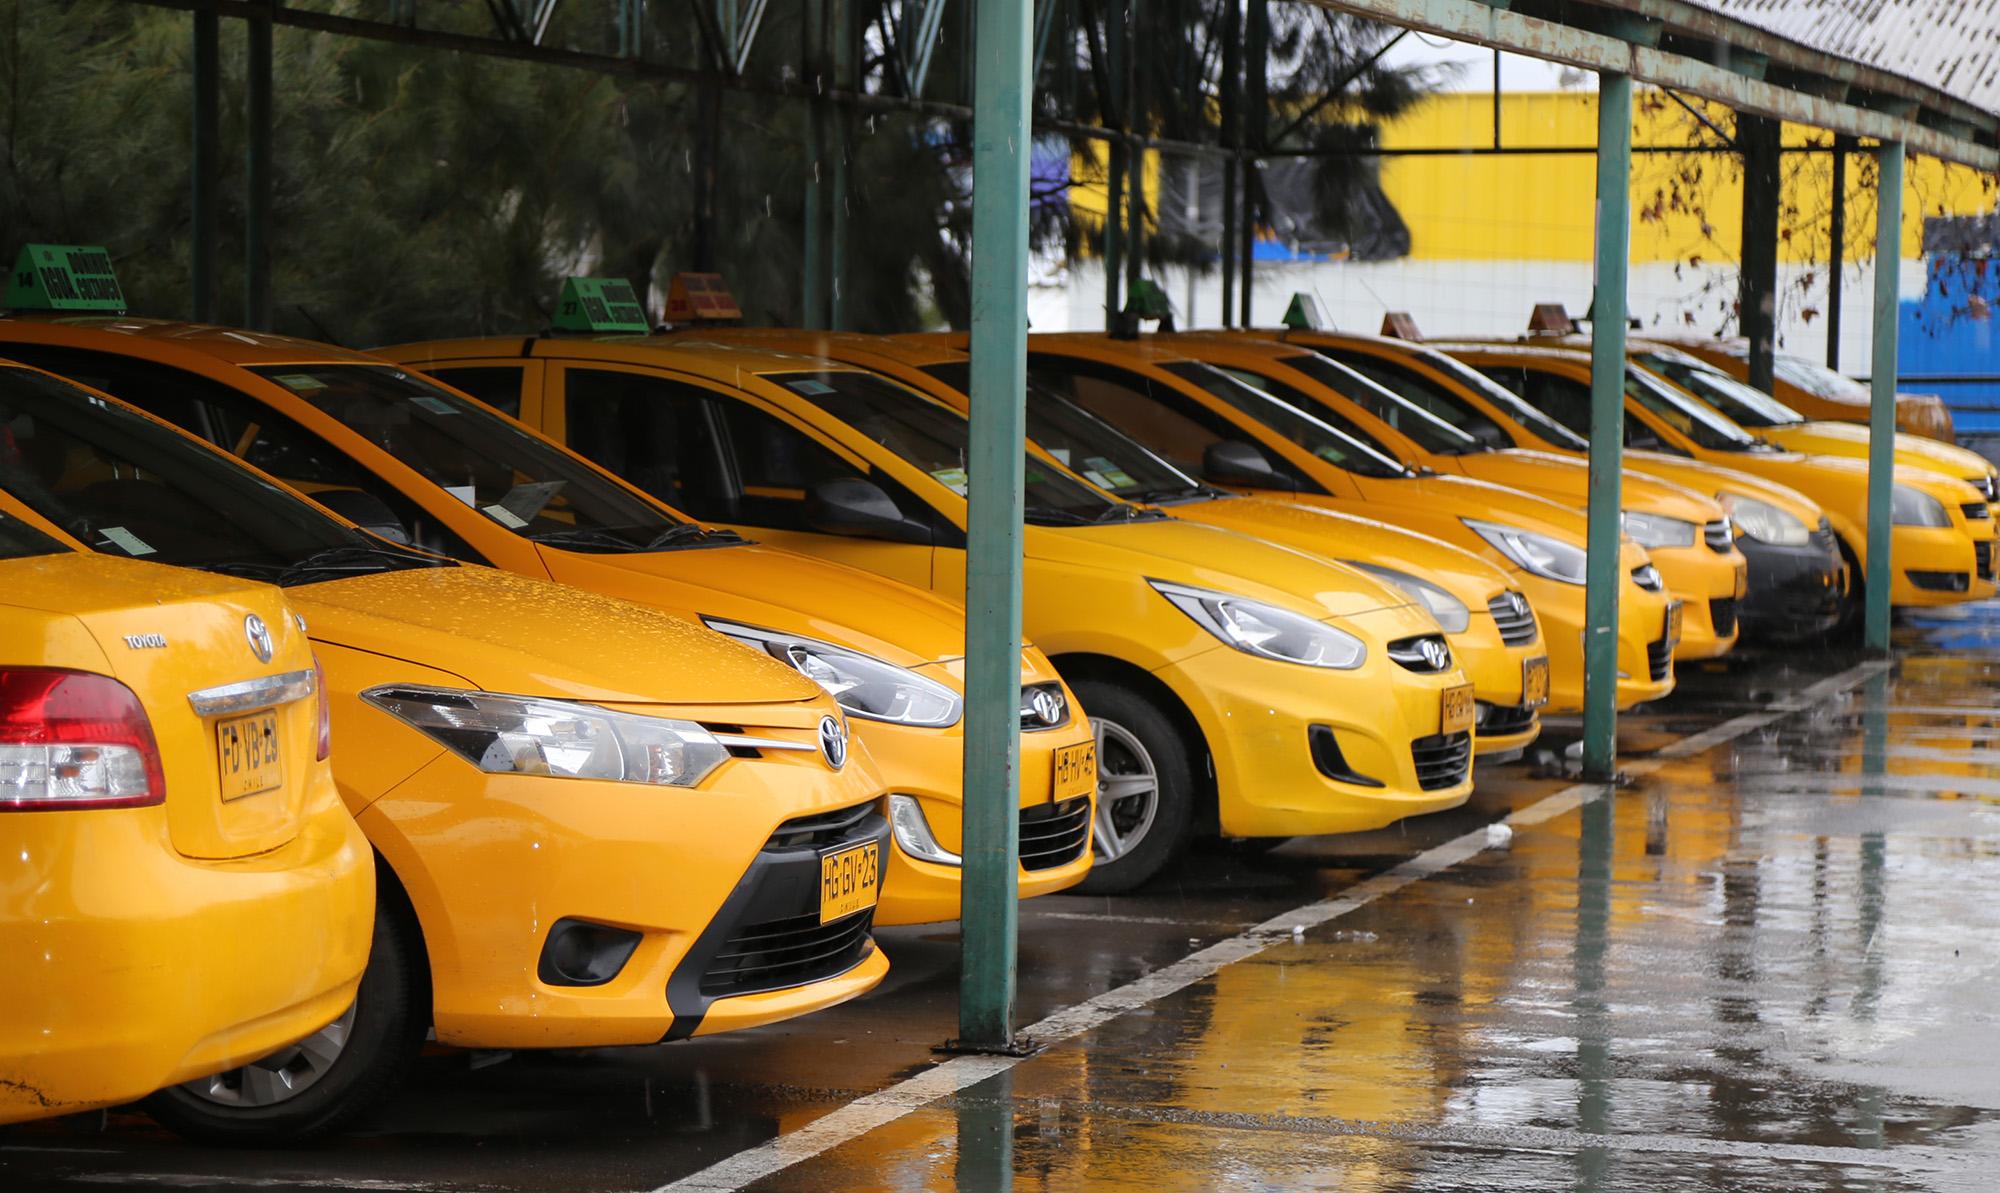 Seremi de Transporte anuncia medidas  para elecciones del 19 de noviembre